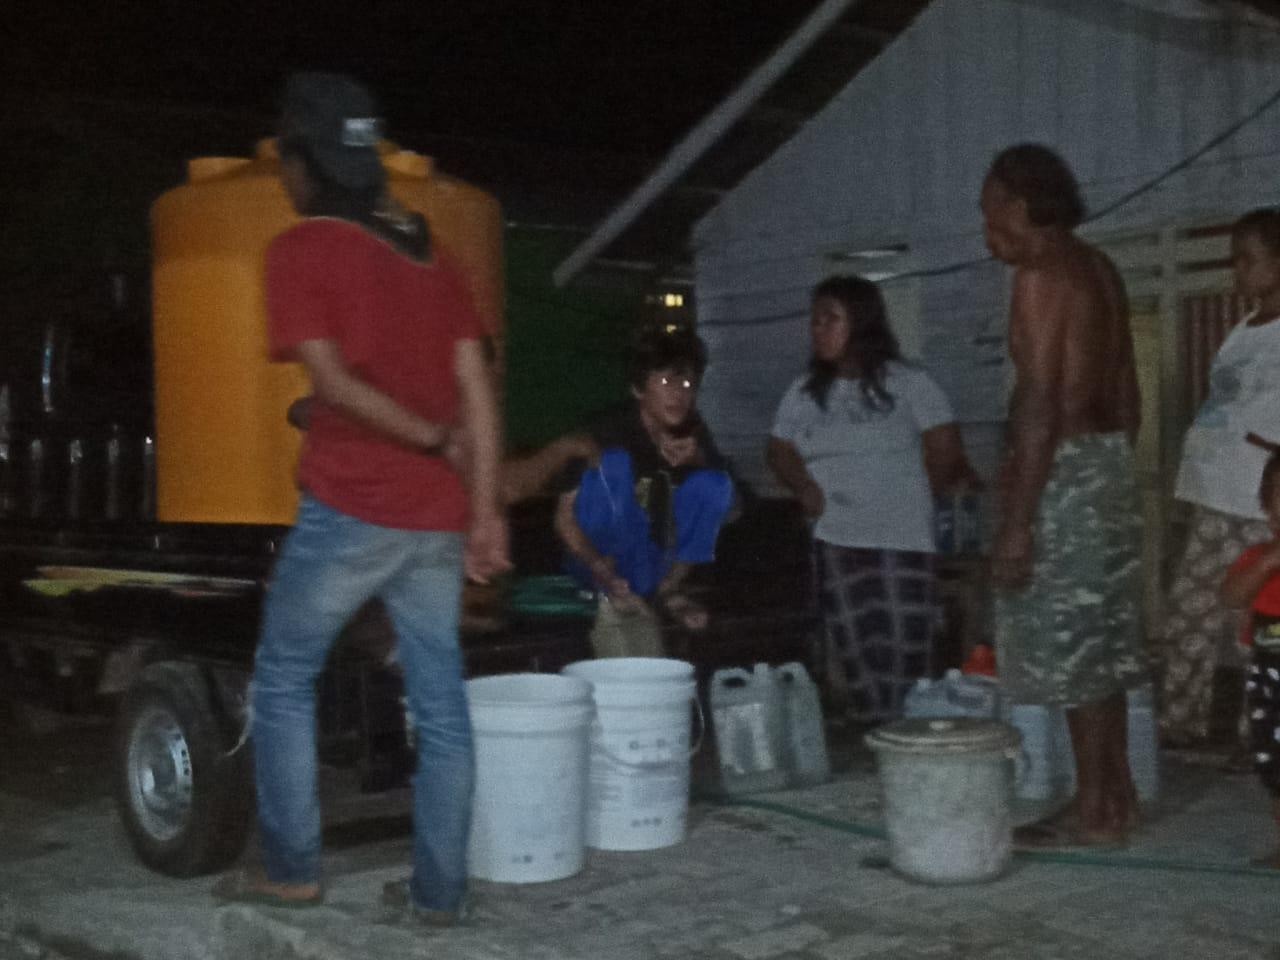 Foto Komunitas Pecinta Alam (KPA) Wira'on Balantak melakukan Aksi peduli krisis Air bersih di Tanjung, Kelurahan Talang Batu, Kecamatan Balantak, Kabupaten Banggai, Rabu (20/11/19)